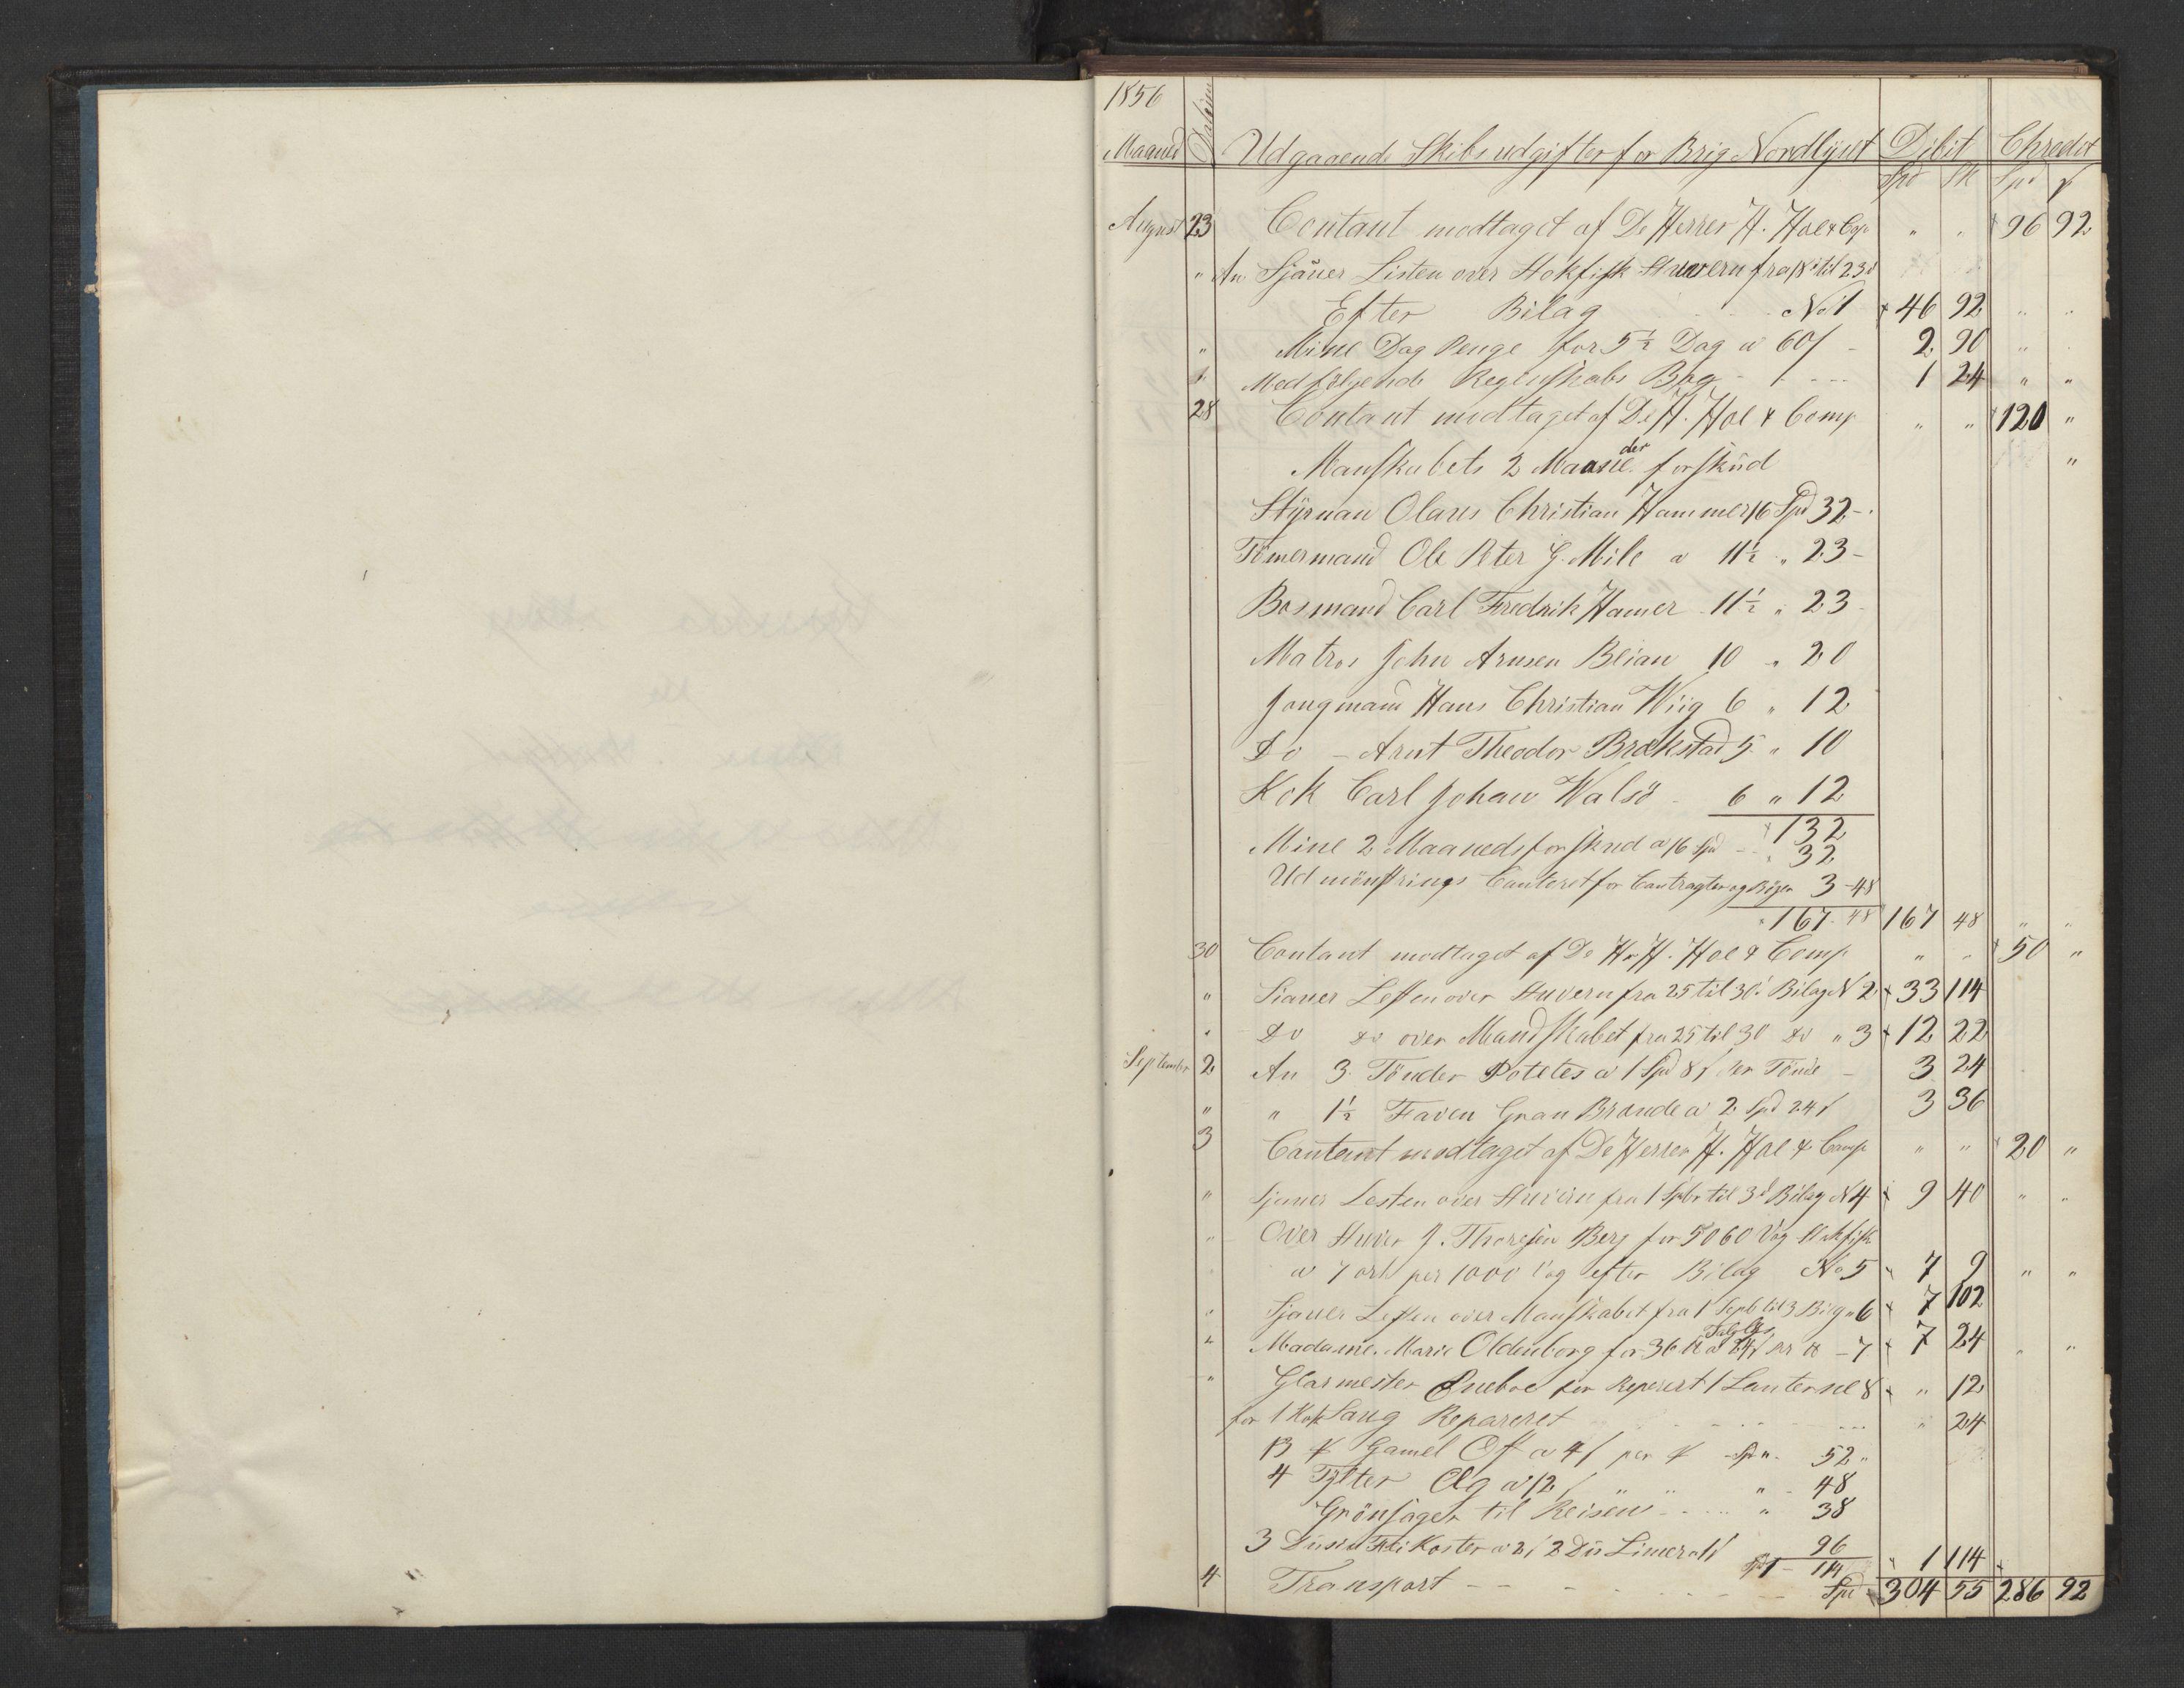 SAT, Hoë, Herman & Co, 11/L0040: --, 1856-1882